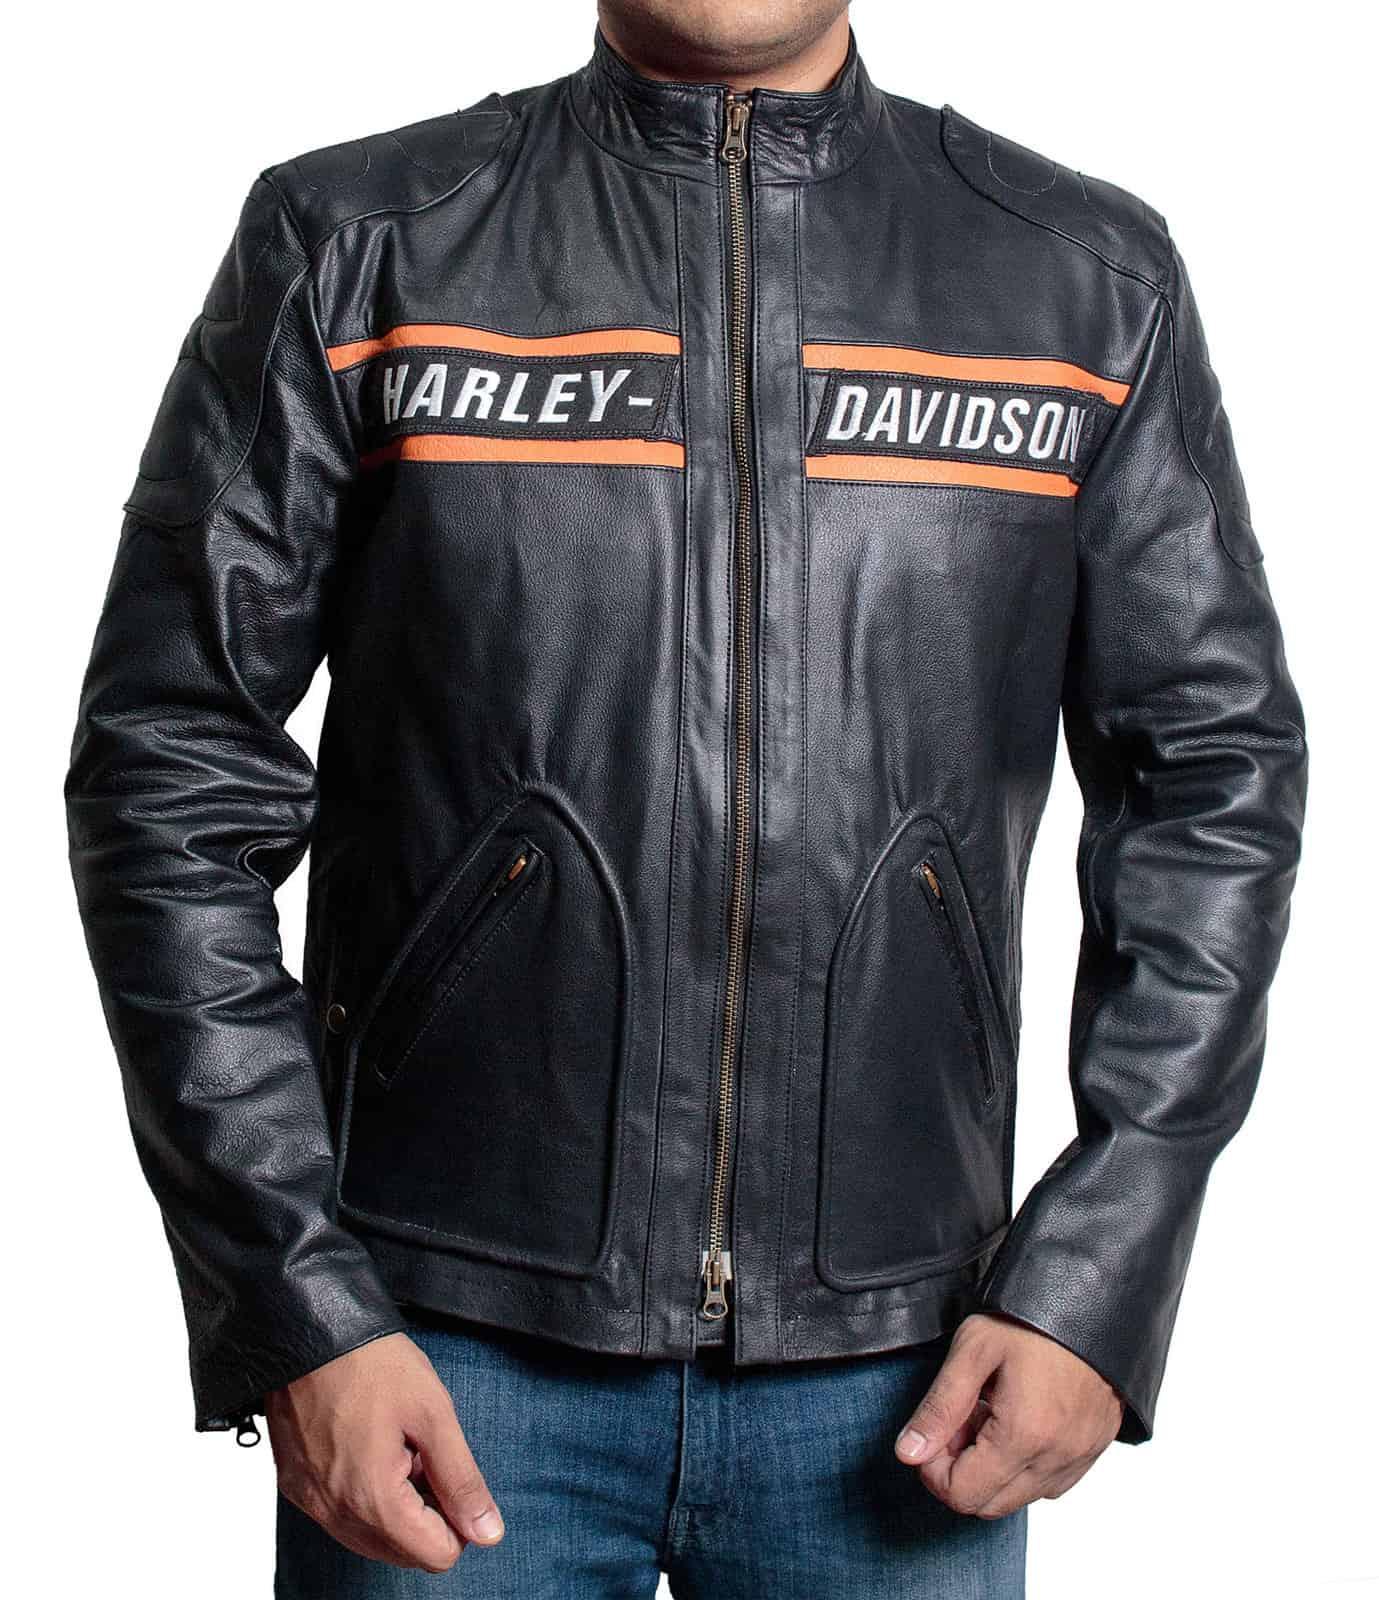 Harley Davidson Goldberg Jacket